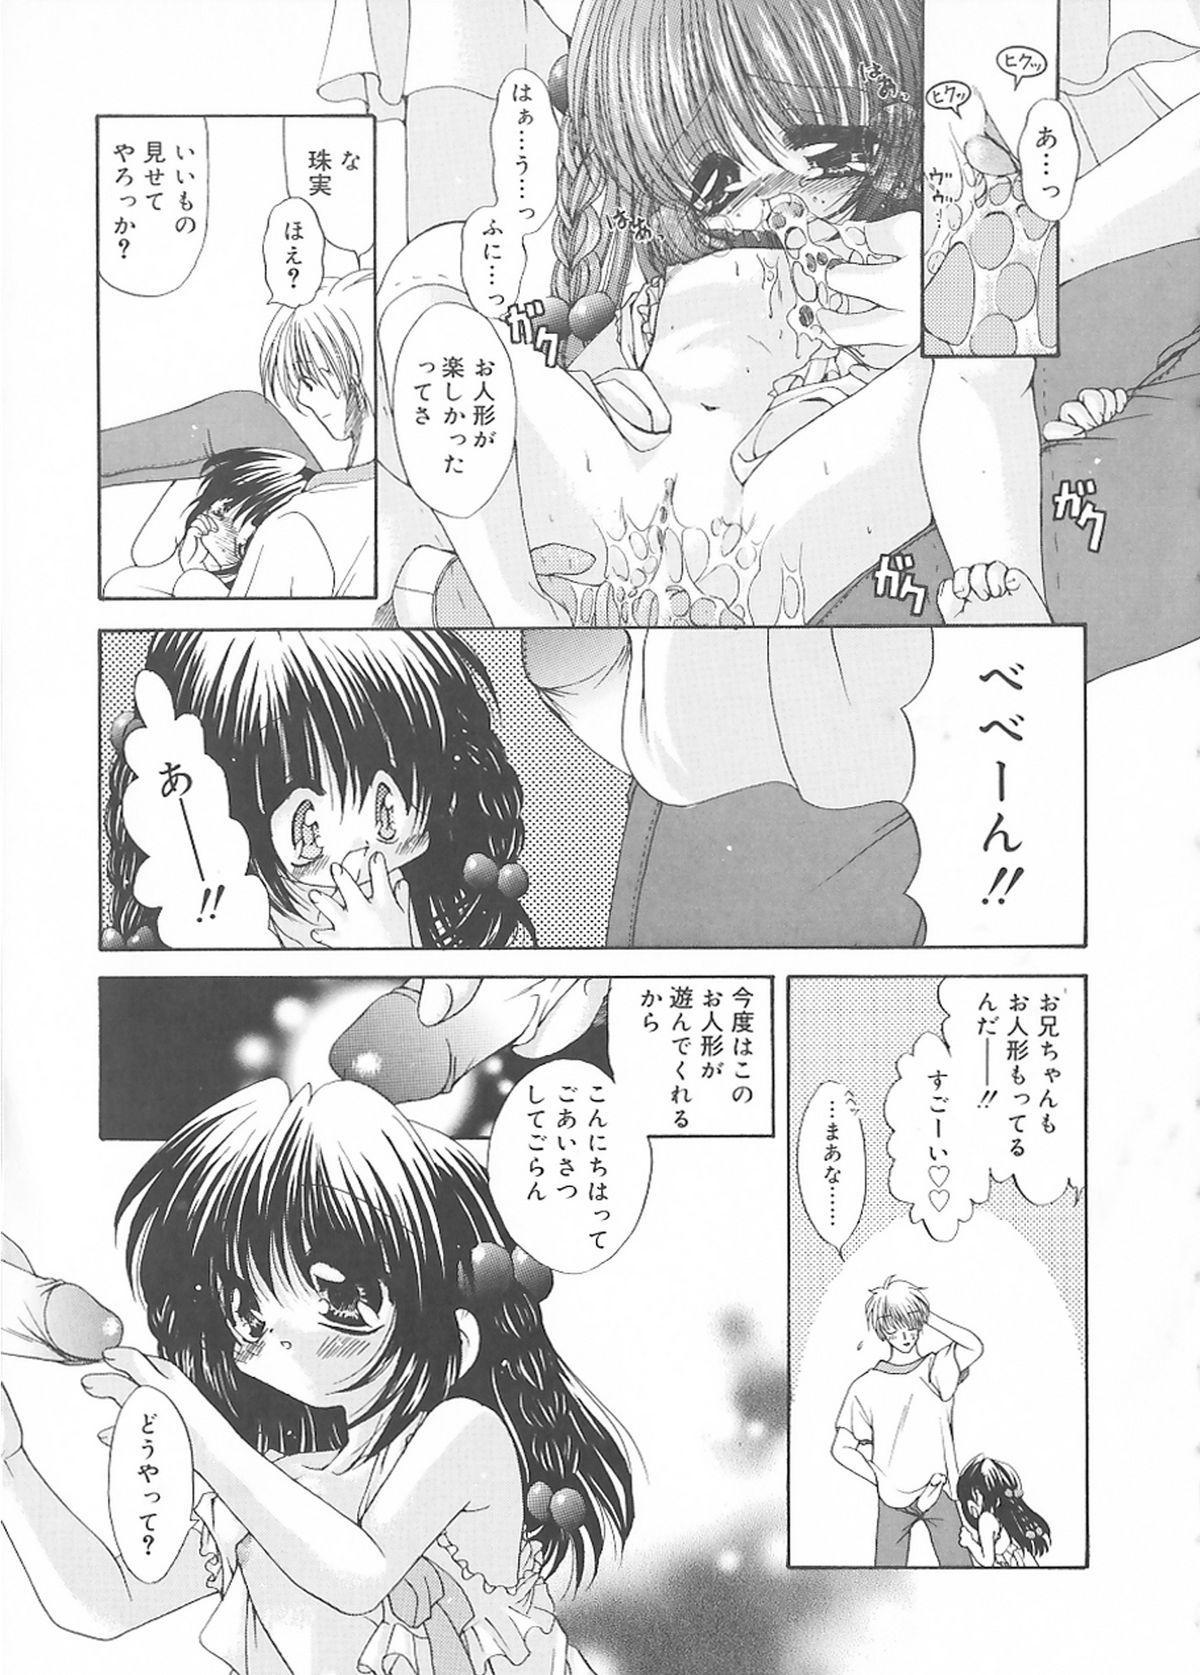 Cream Tengoku - Shinsouban 124